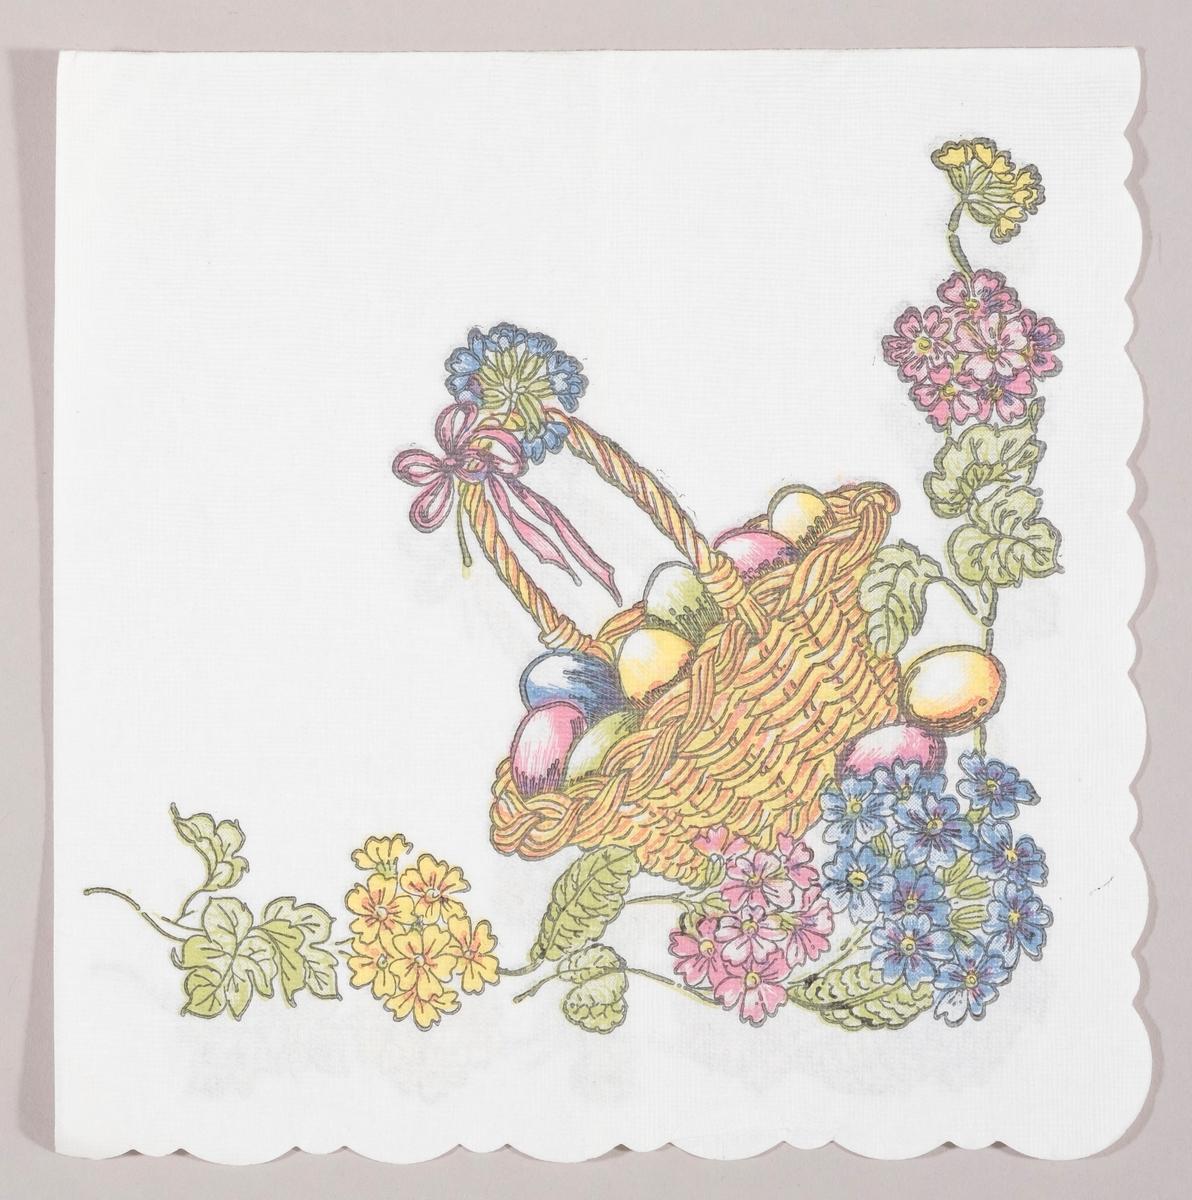 En flettet kurv med kulørte påskeegg og sløyfe på hanken. Gule, rosa og blå blomster.